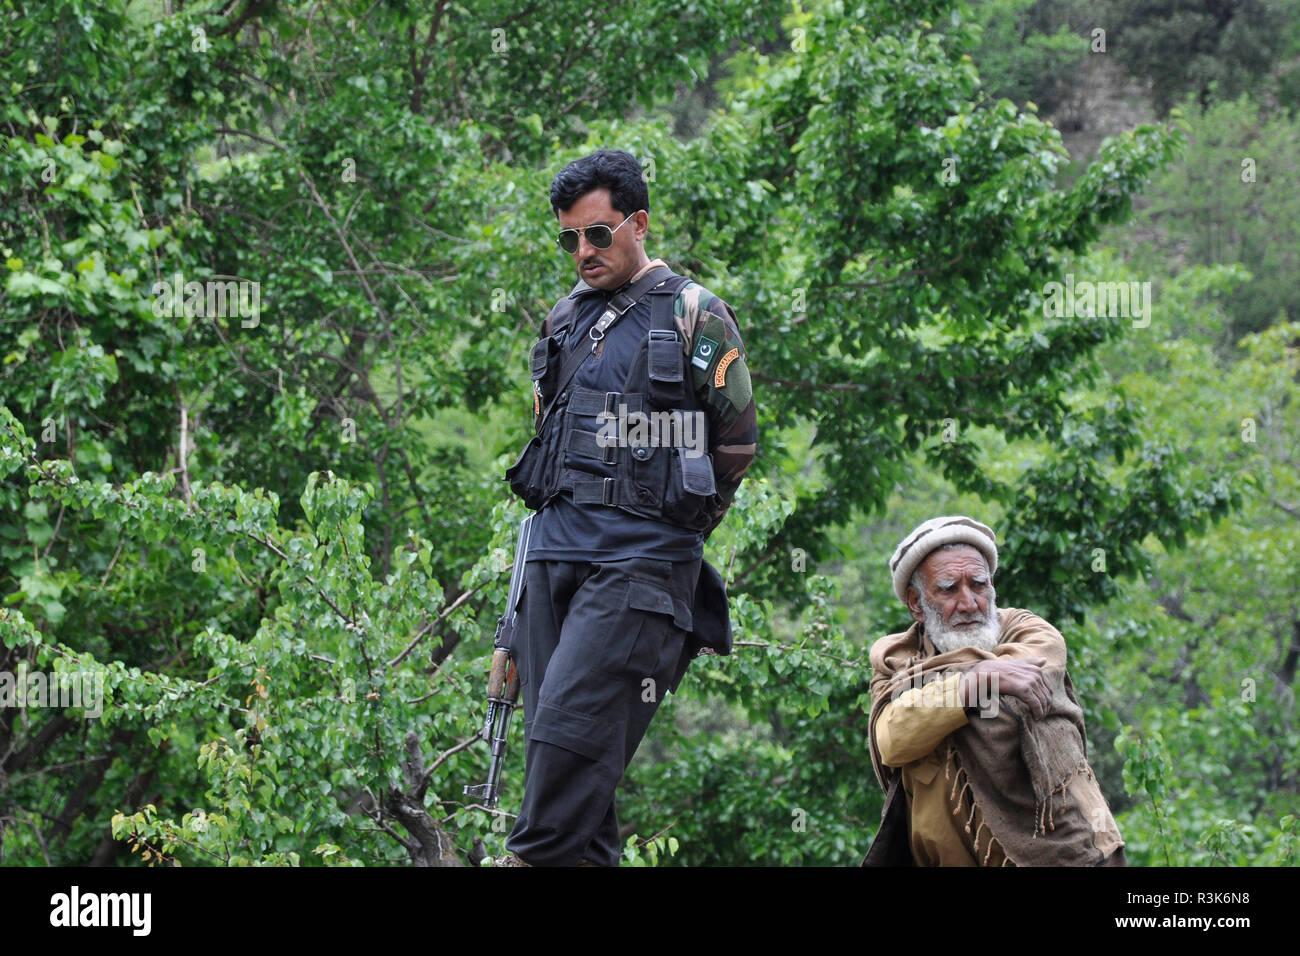 Pakistan, Rambur village - Stock Image